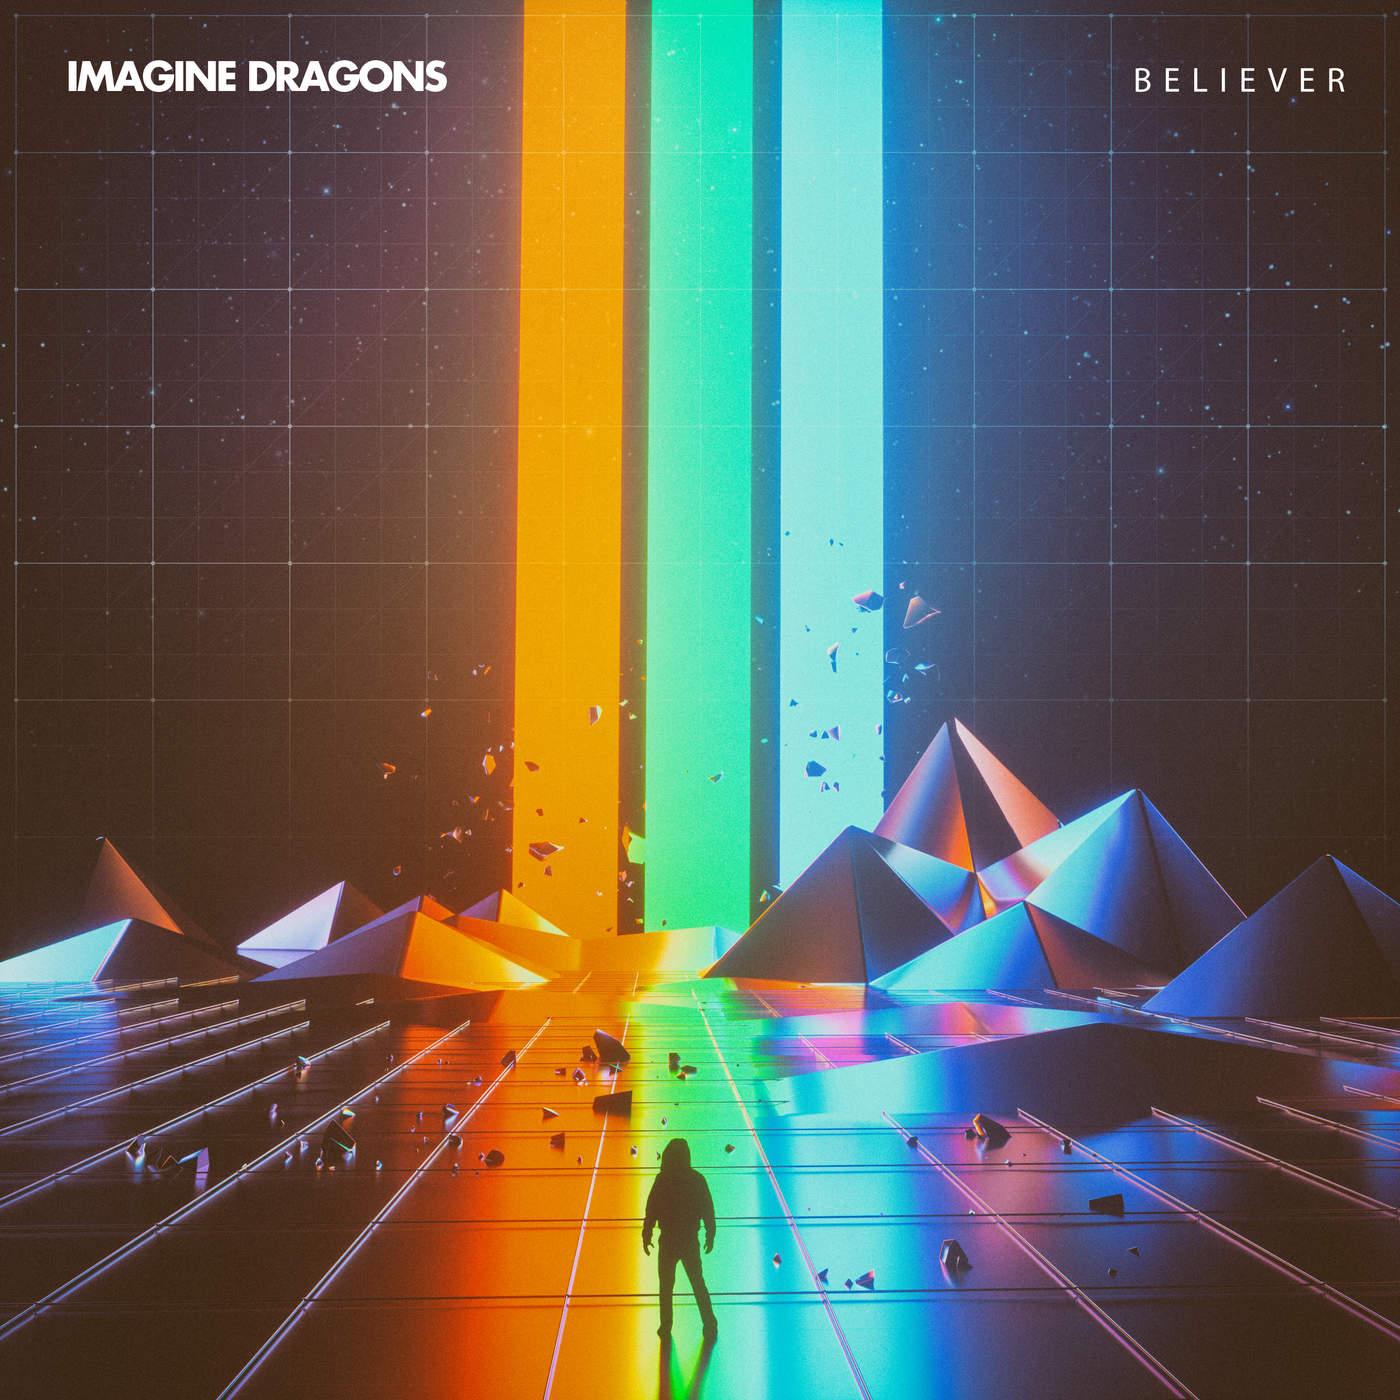 imagine dragons bleviver